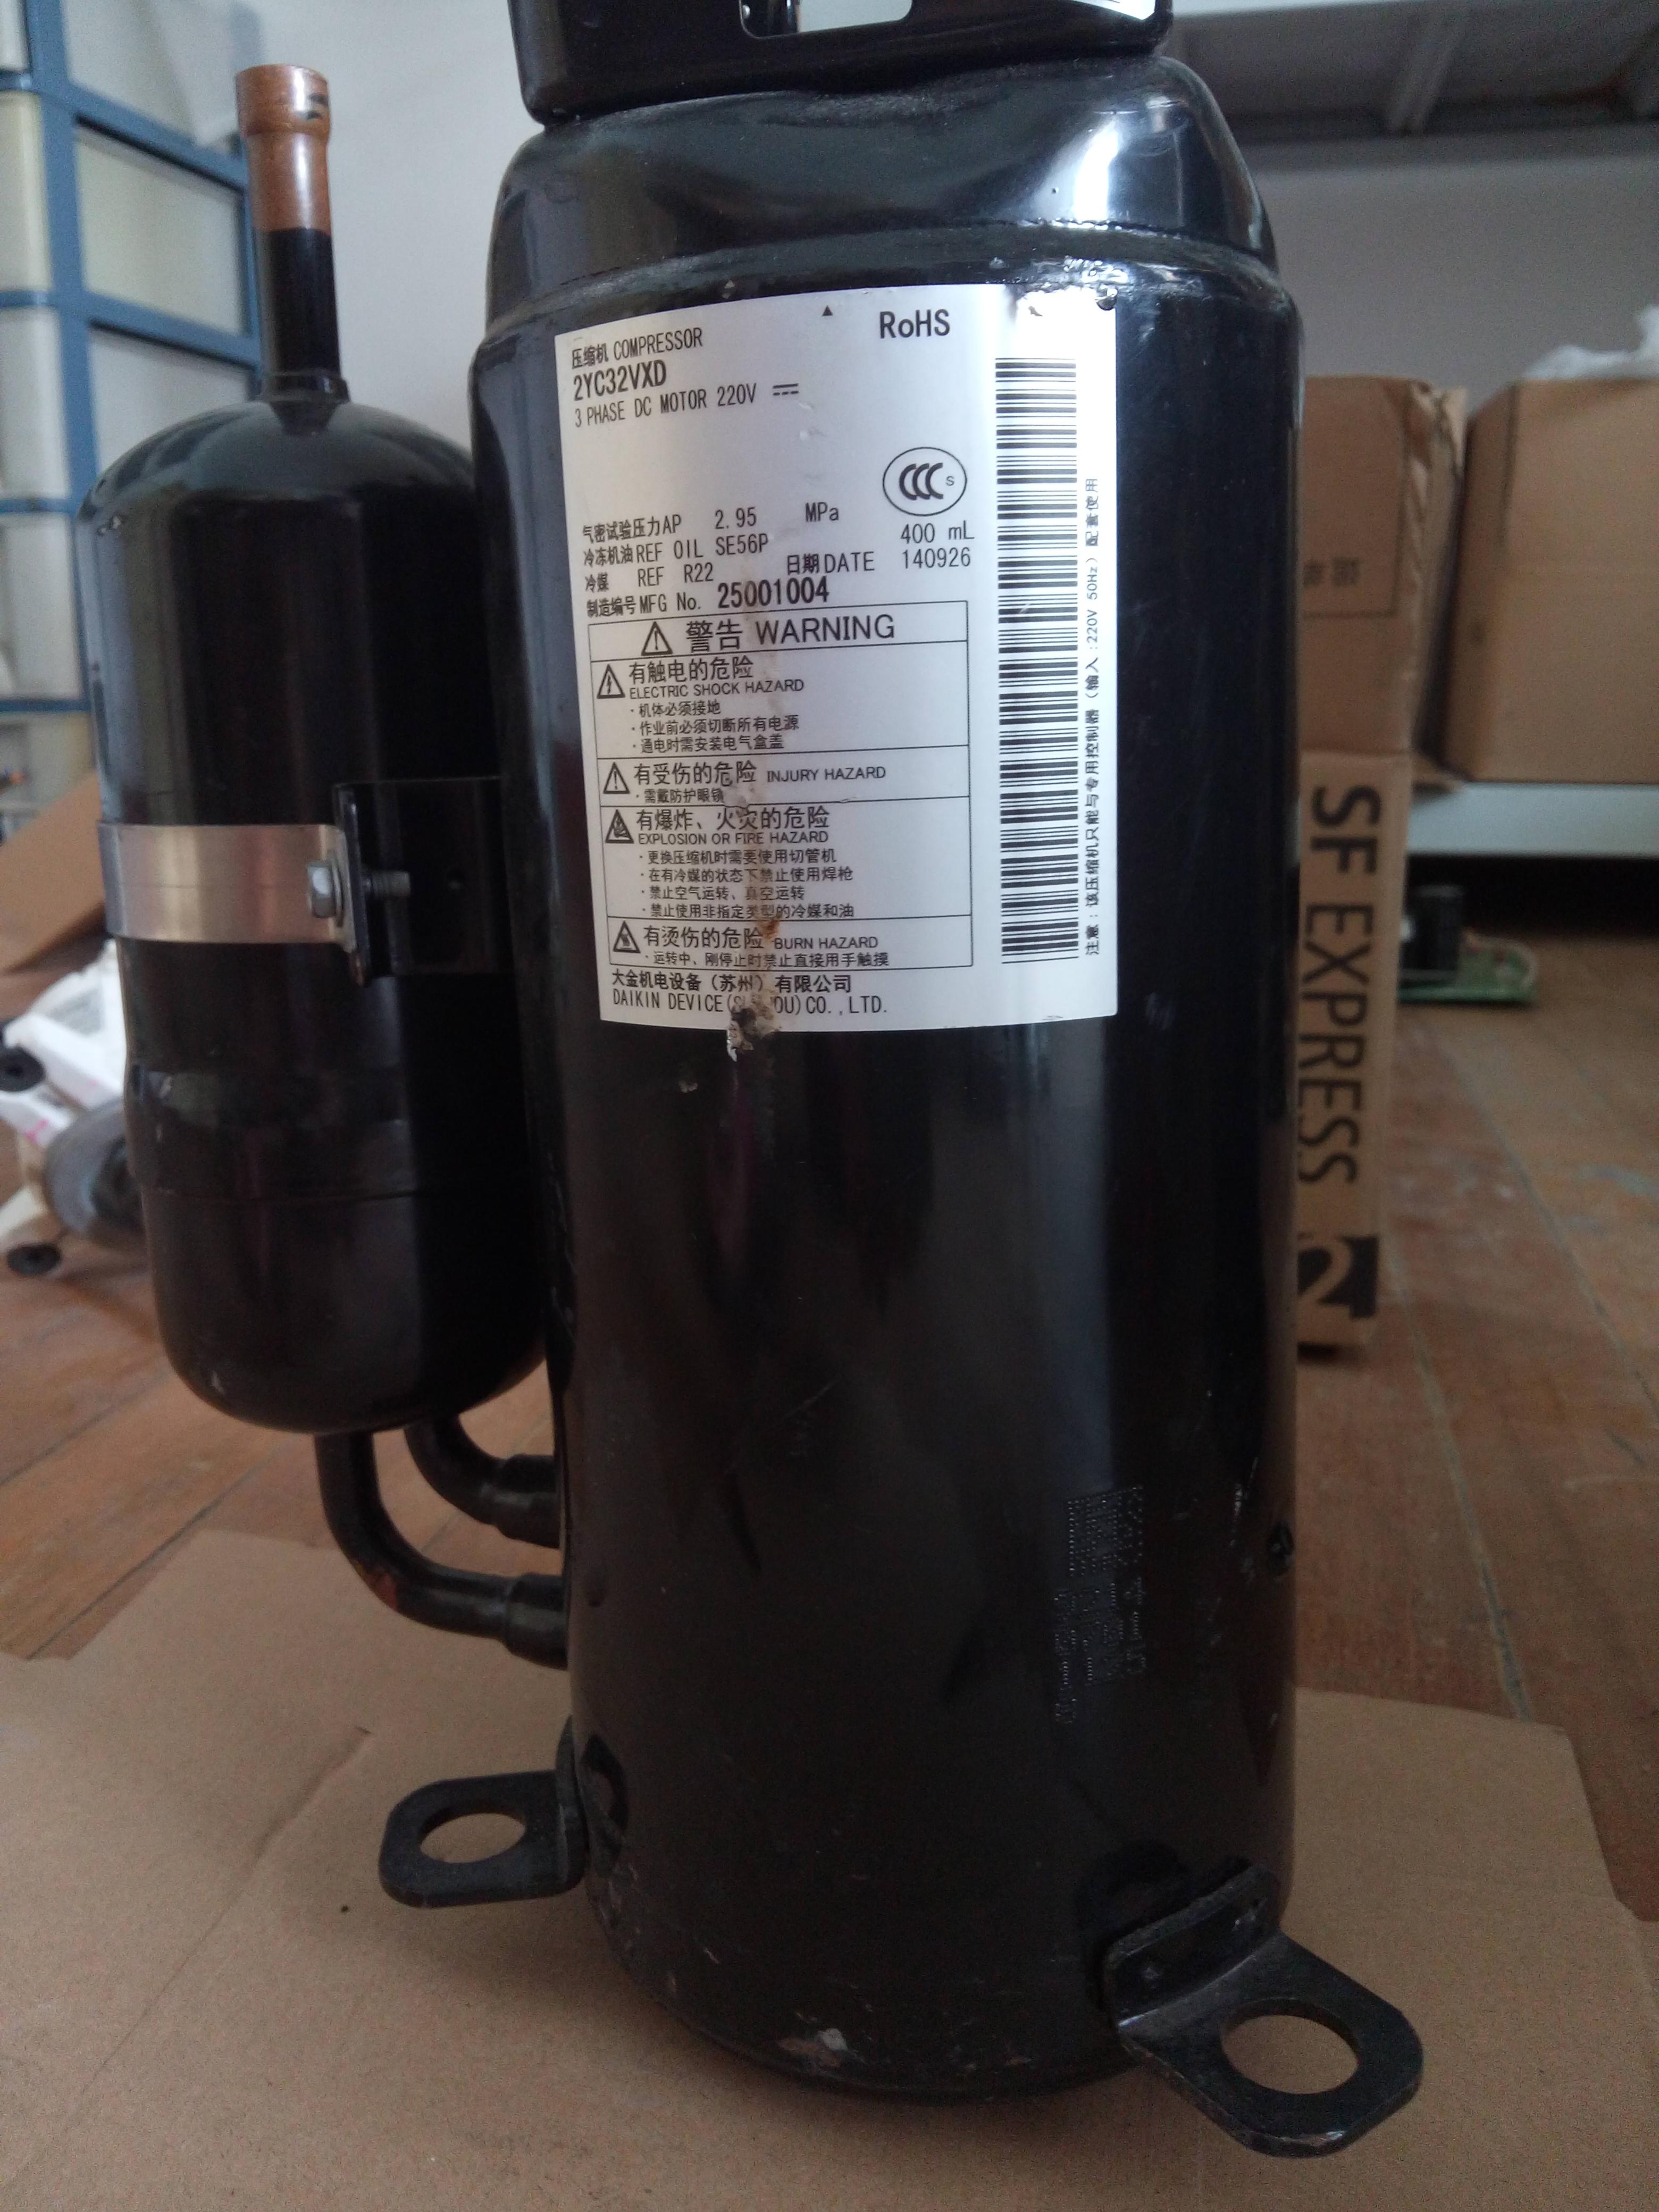 Daikin compresor el compresor de aire acondicionado Daikin RX56AV1CRXD50BMVMC 2YC32VXD